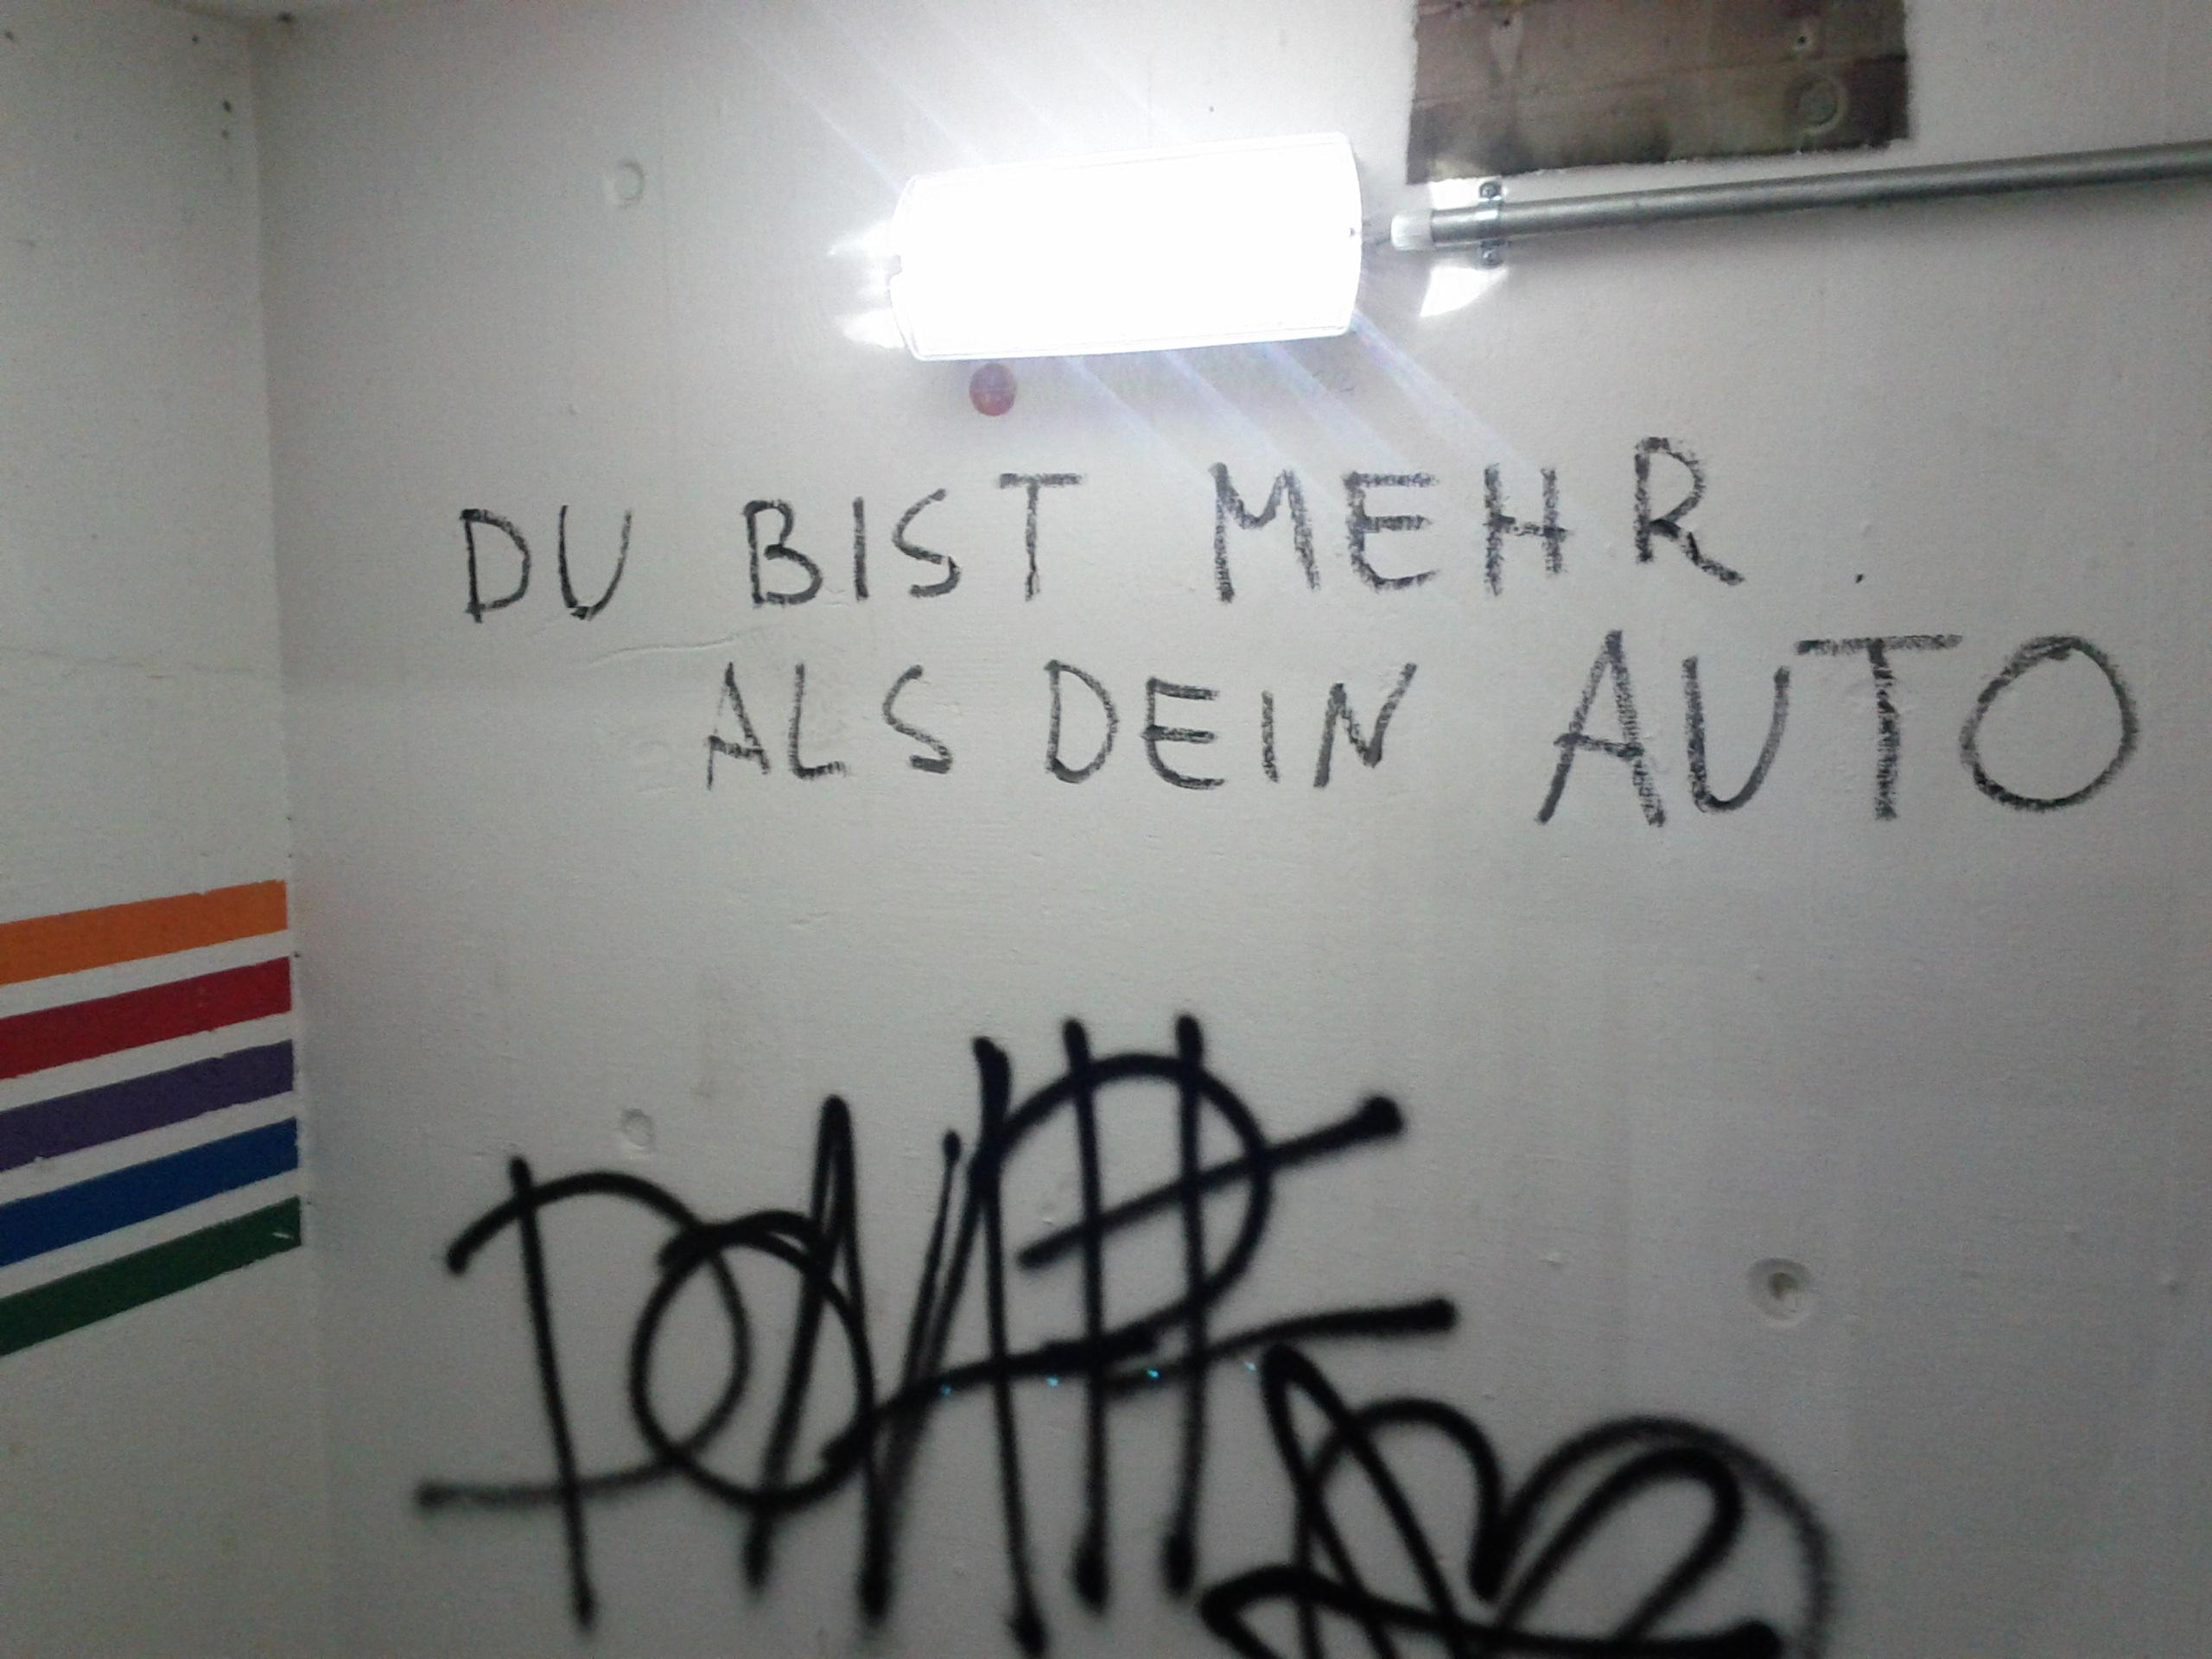 Du bist mehr als dein Auto - Stuttgart Parkhaus